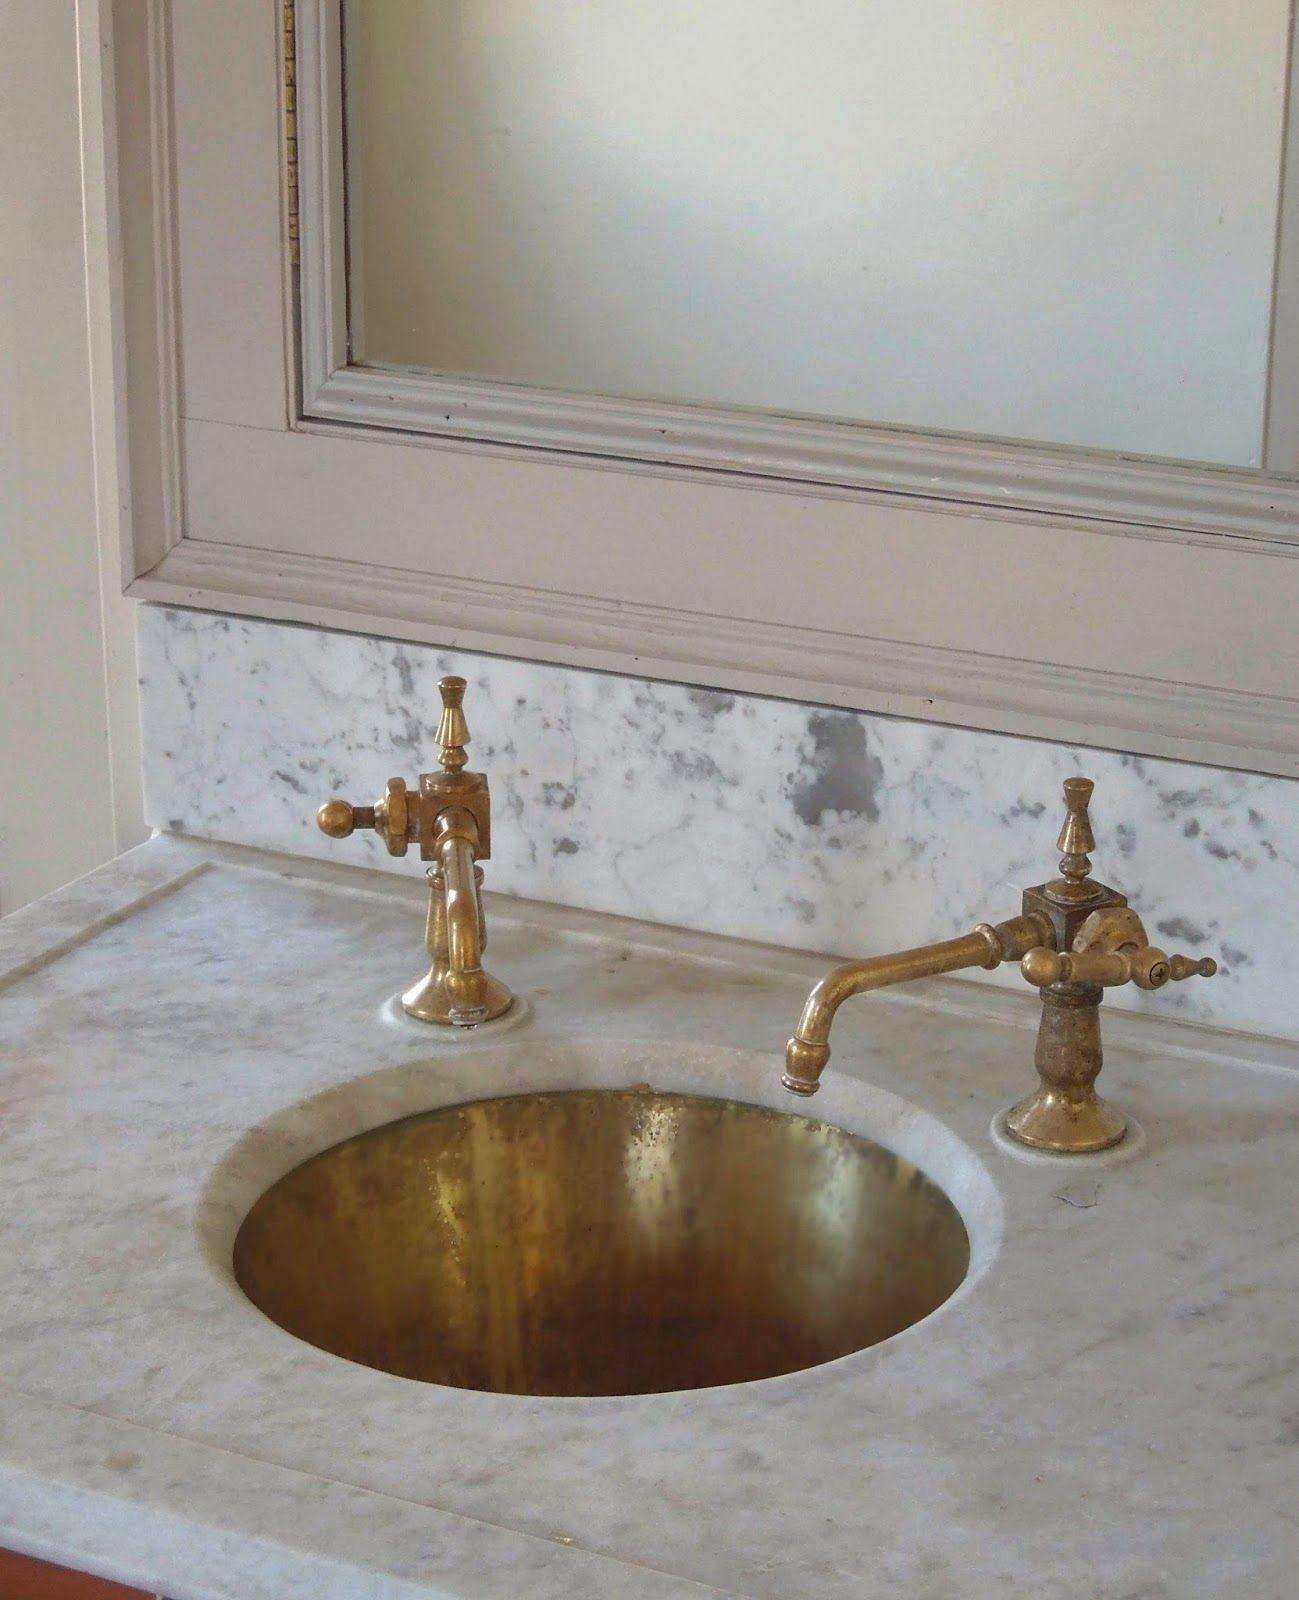 Unlacquered Brass Kitchen Faucet Dundung Best In 2020 Marble Bathroom Designs Kitchen Faucet Bathroom Faucets